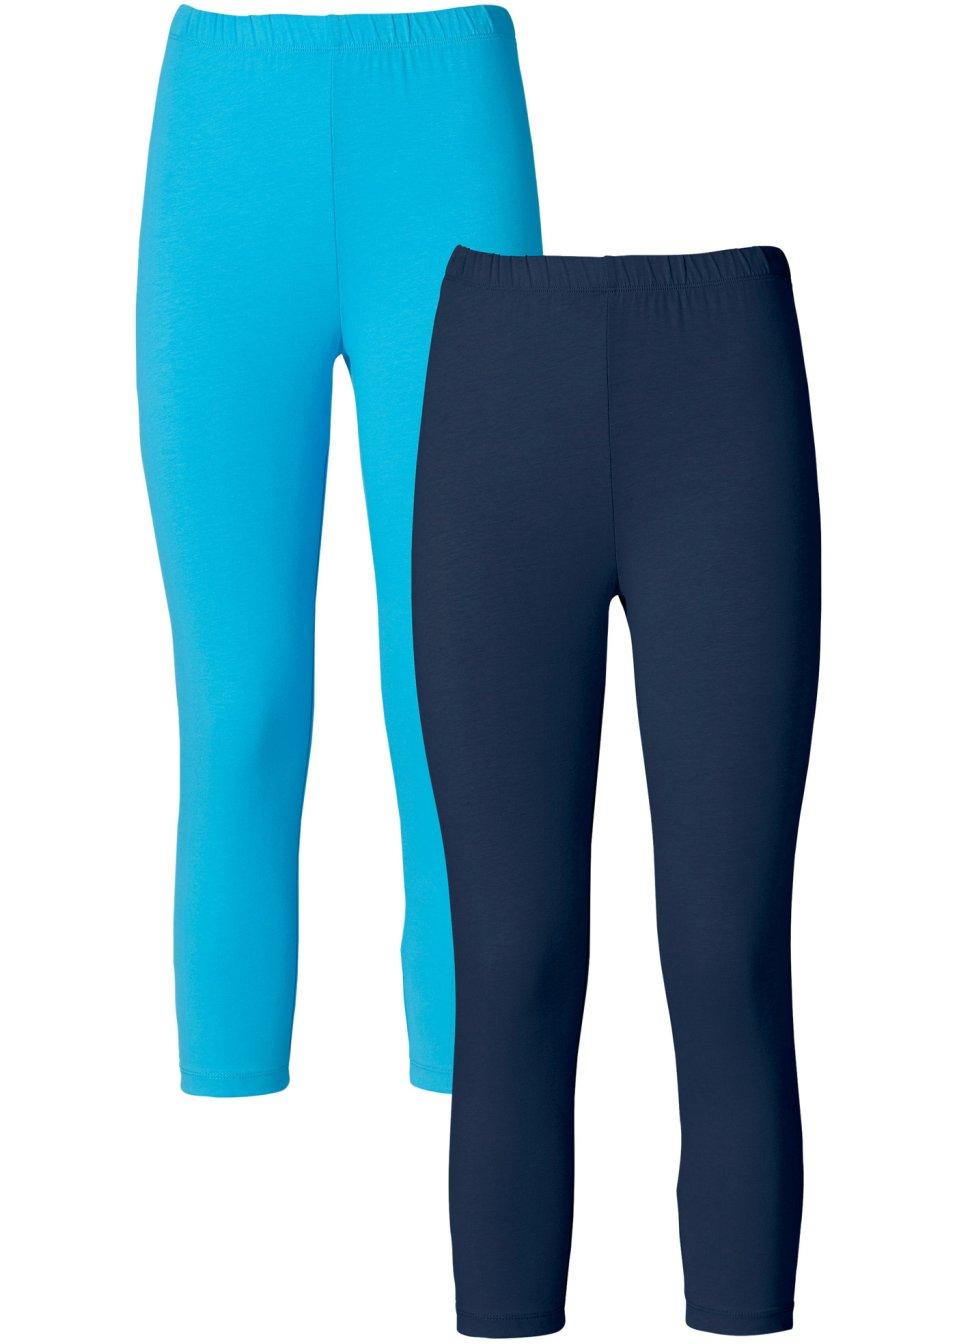 Deux leggings corsaires avec taille haute extensible for Bleu turquoise fonce